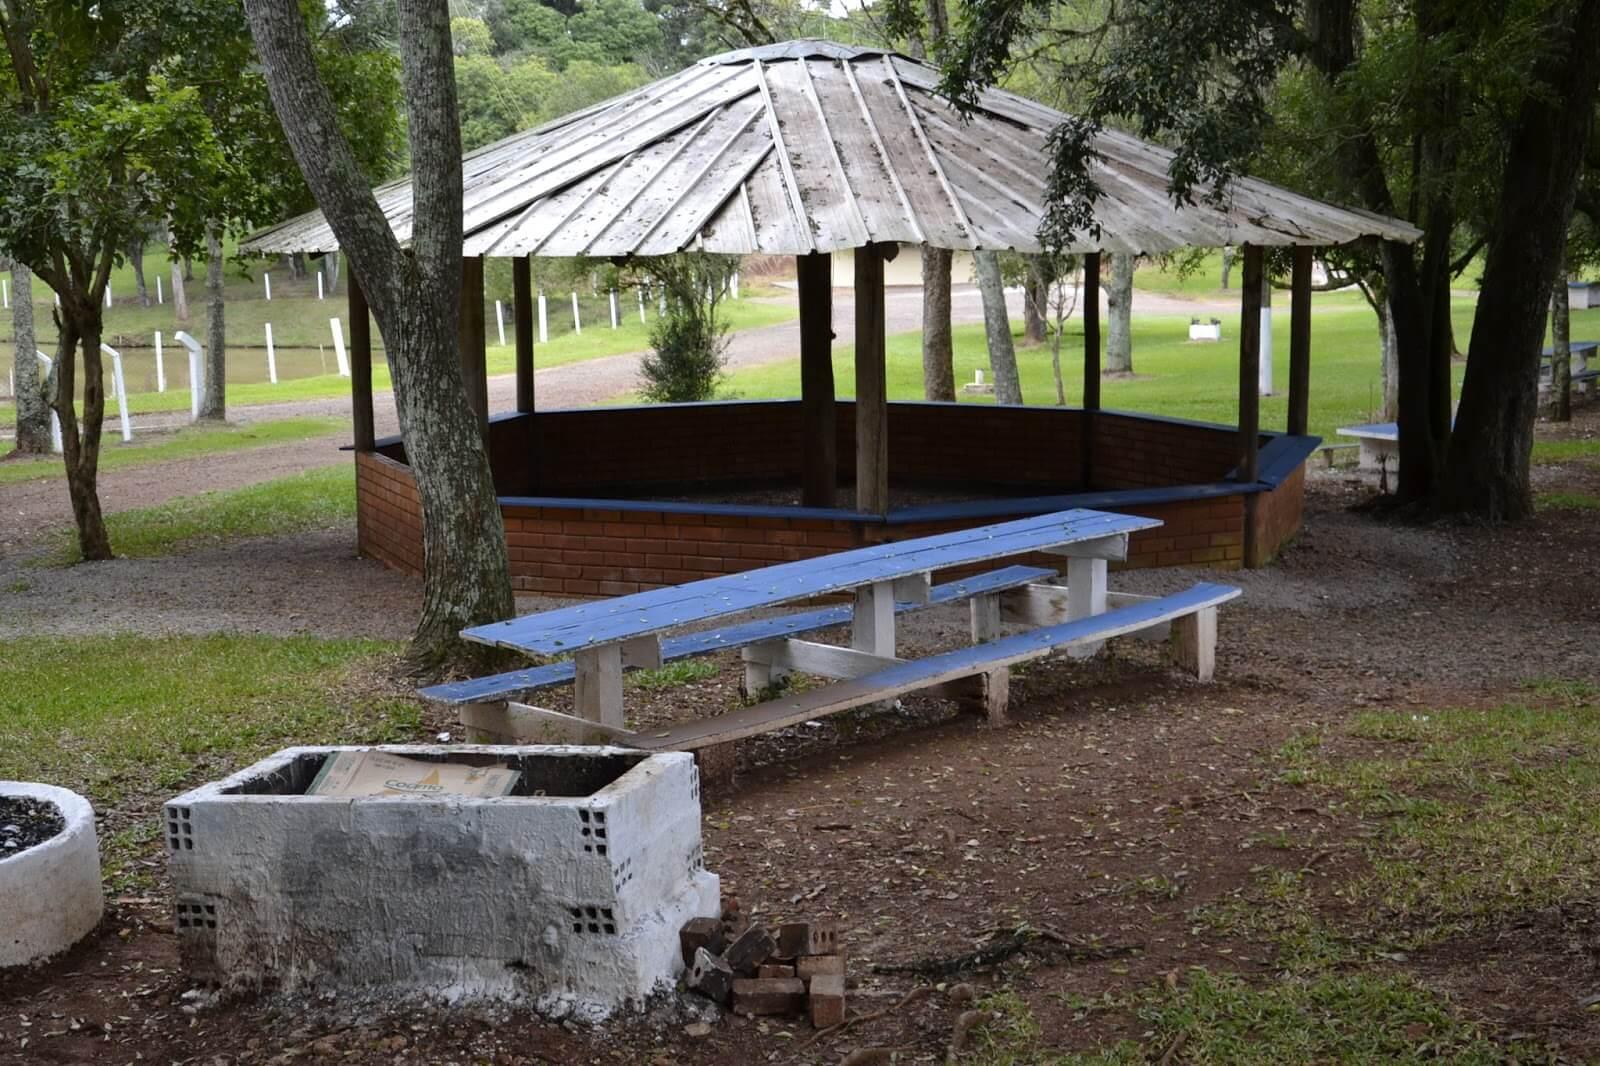 Parque Municipal das Águas em Getúlio Vargas